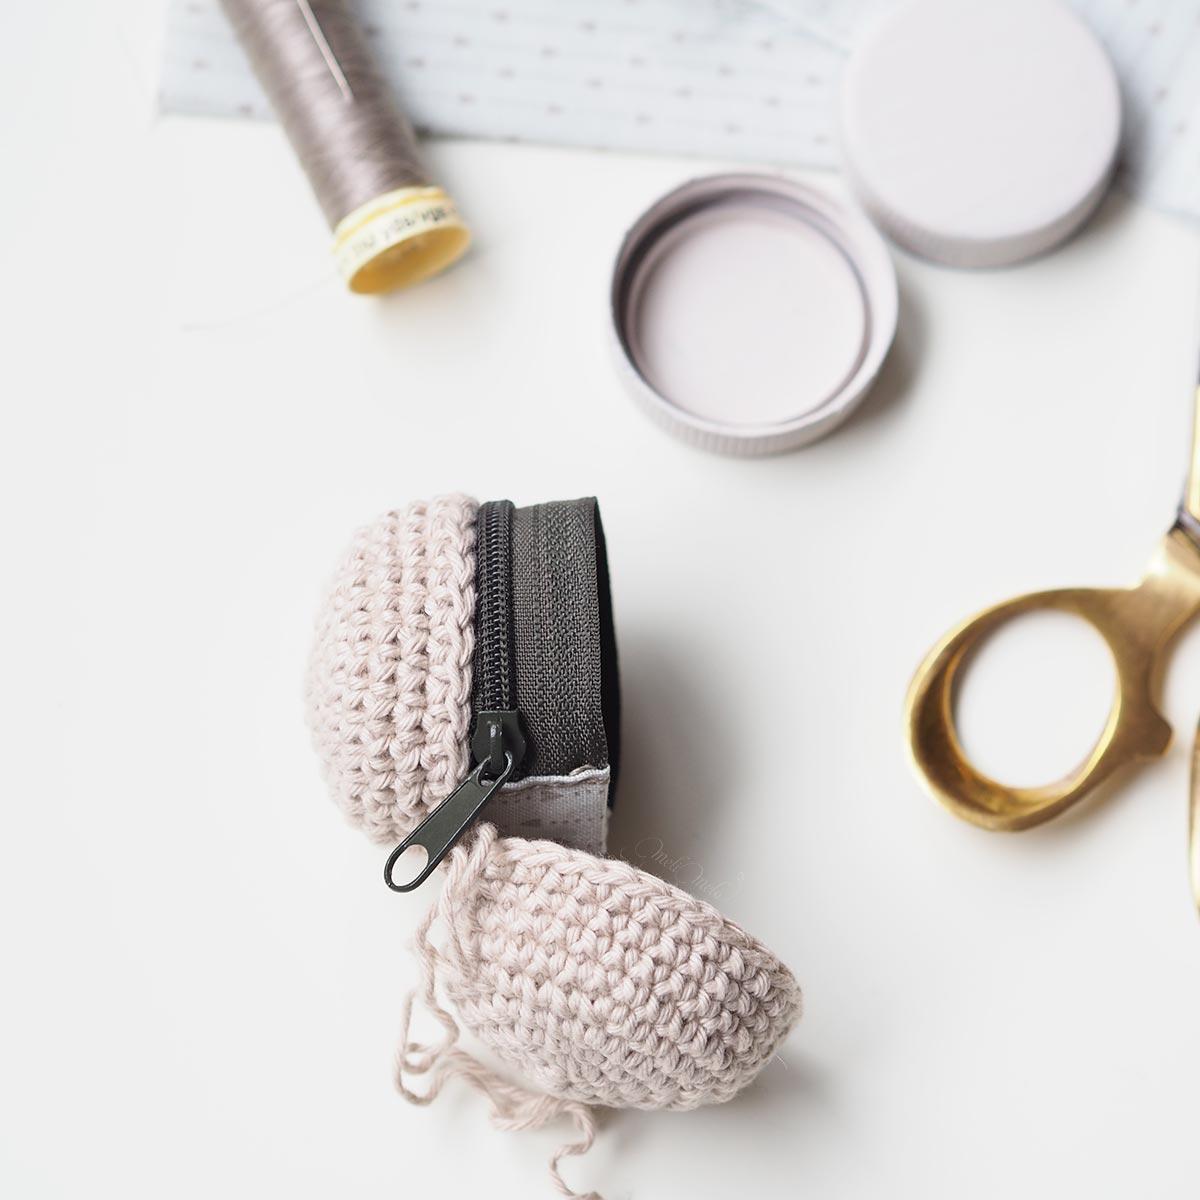 couture-blocage-zip-crochet-boitier-chouettekit-laboutiquedemelimelo-02